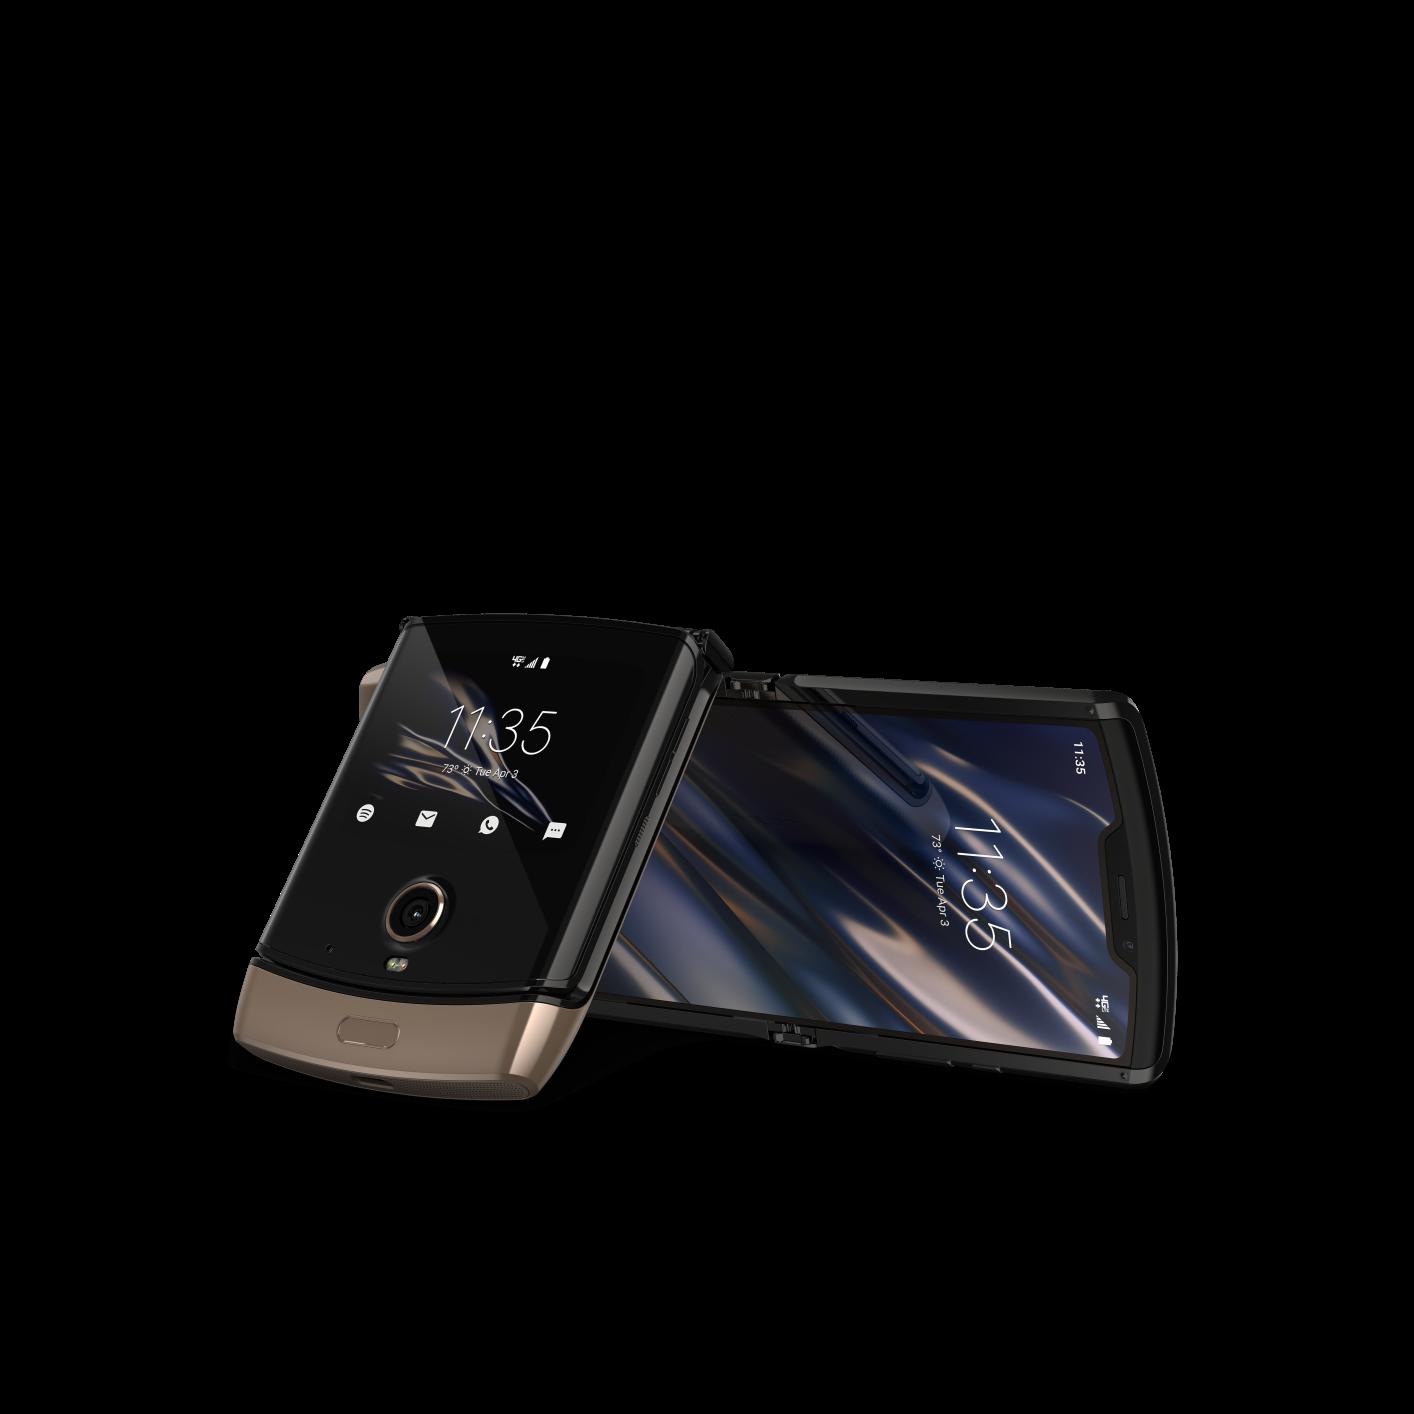 Motorola Razr în versiunea Blush Gold ajunge în România și un preț redus pentru smartphone-ul pliabil